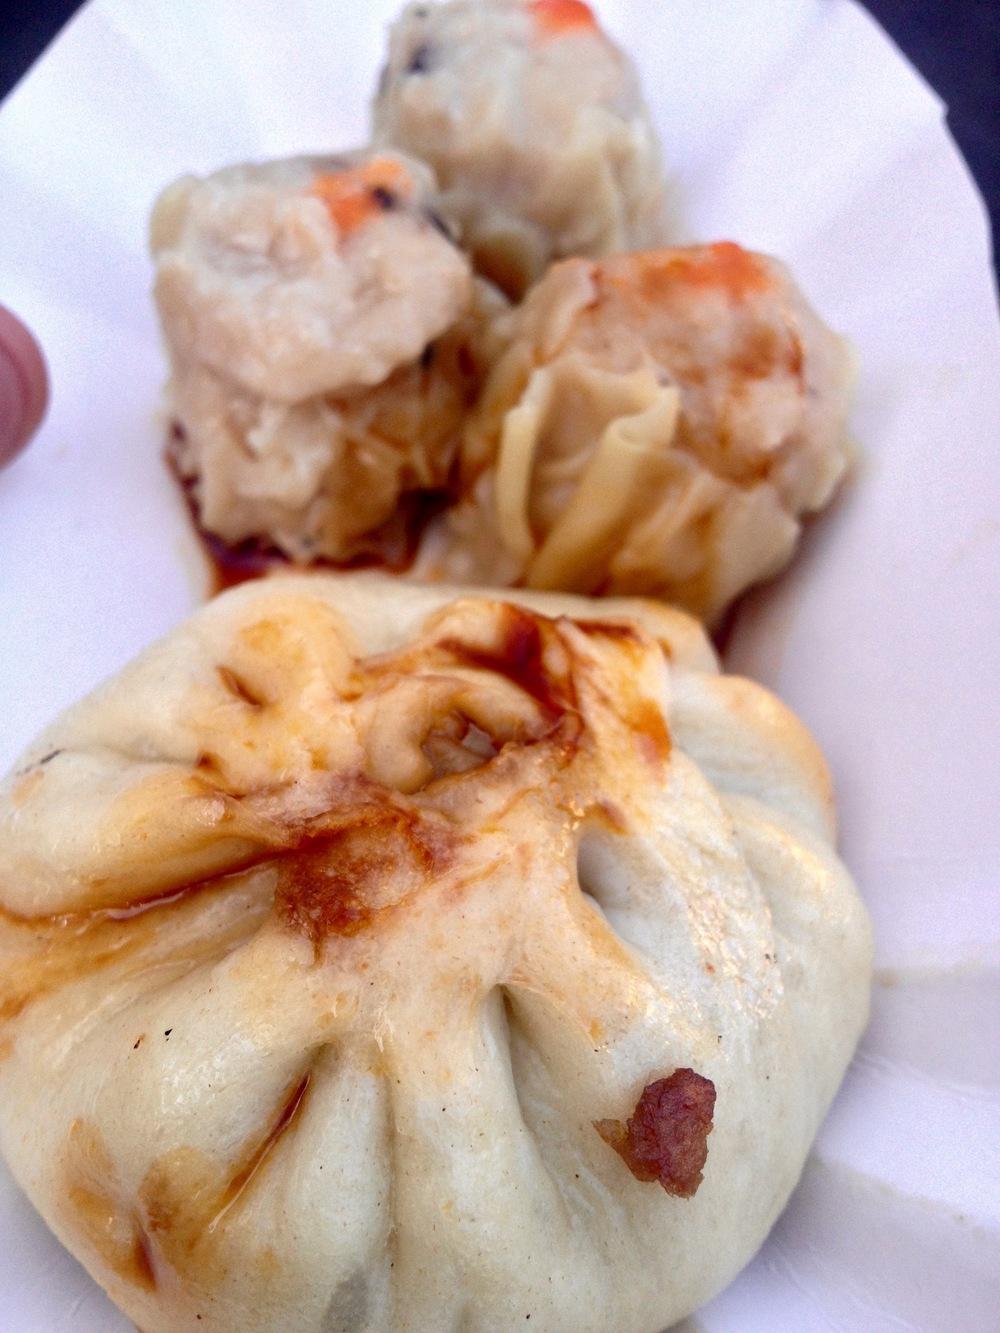 Chinese pork bun and dumplings